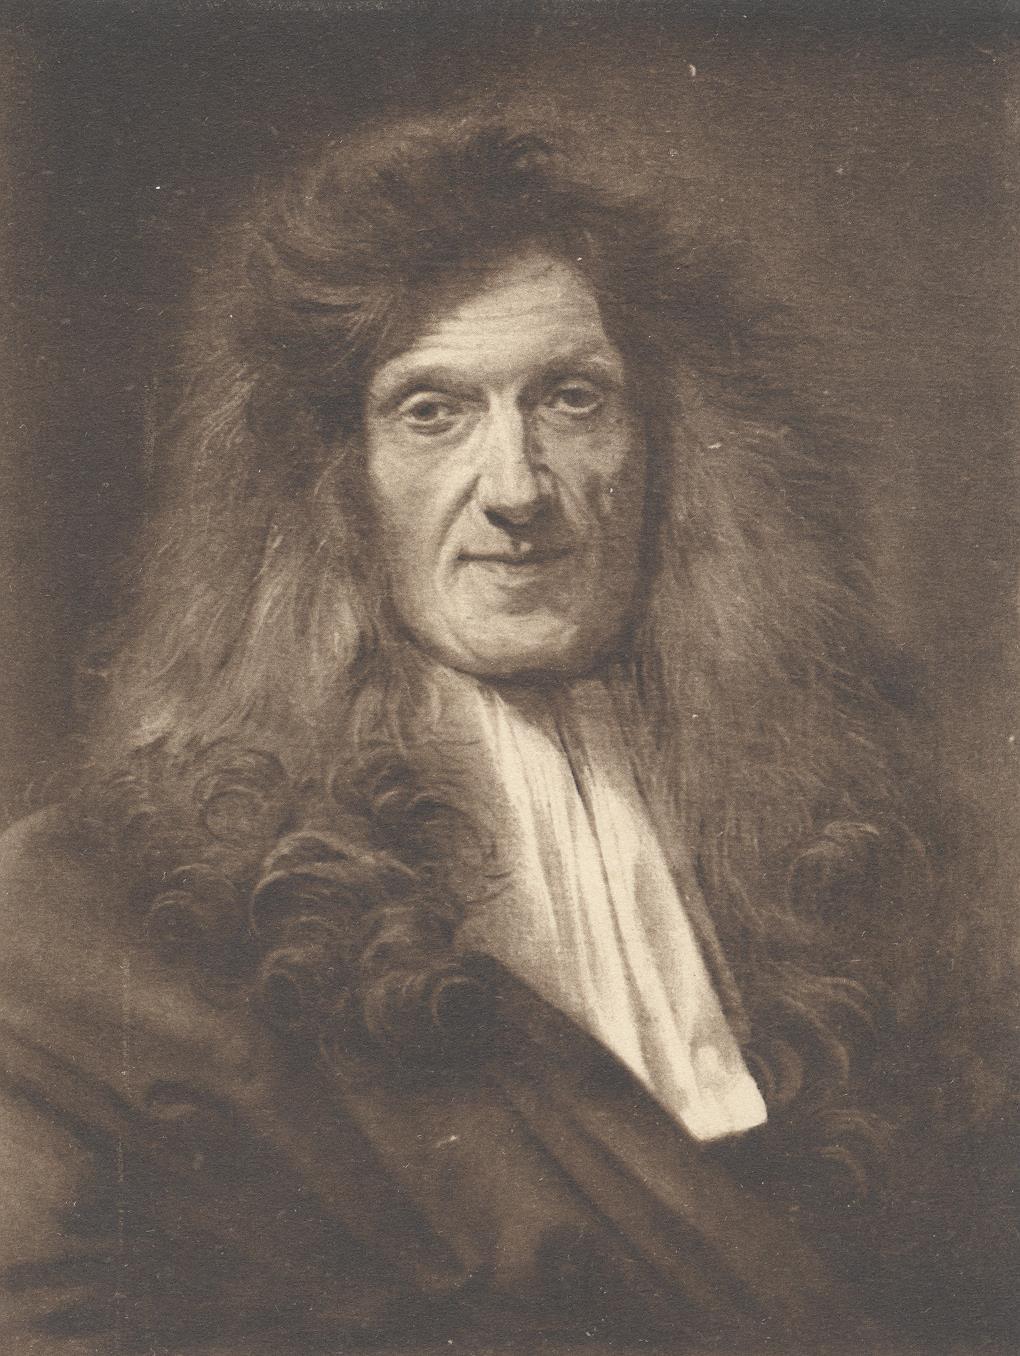 Guy-Crescent Fagon (1638-1718), médecin à la cour de Louis XIV, en villégiature à Fontenay à partir des années 1660.